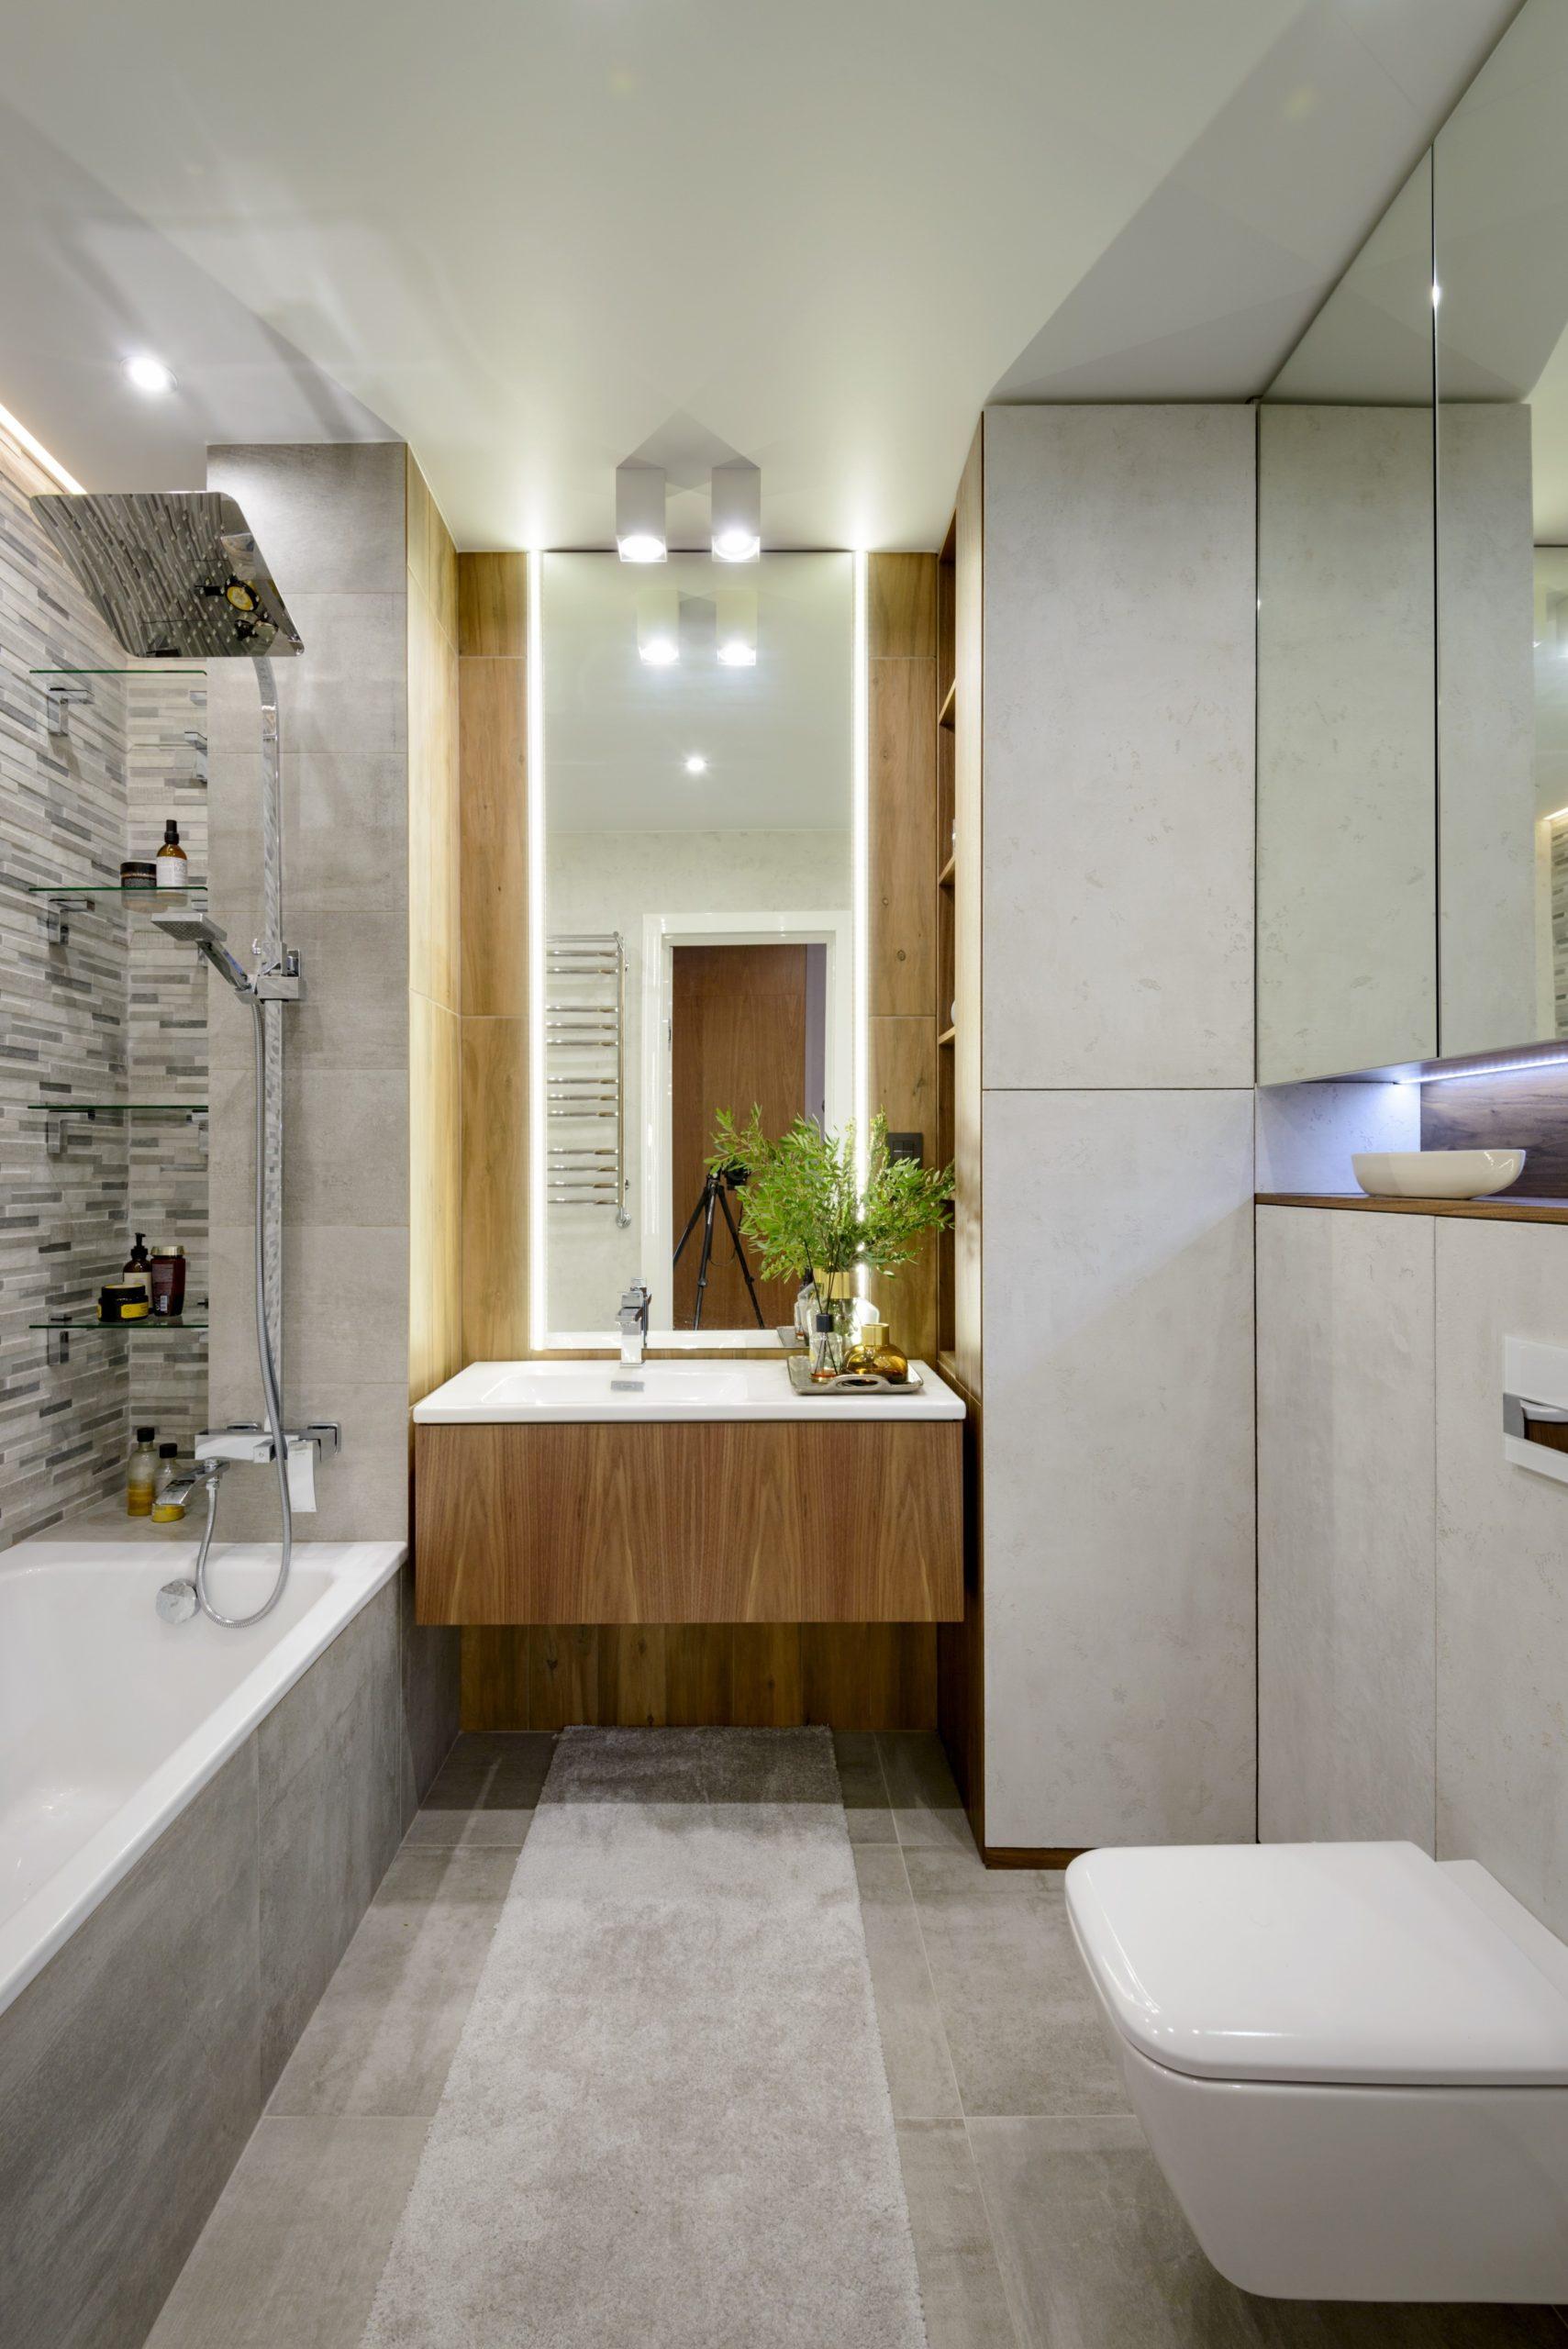 Точеченое освещение в ванной комнате